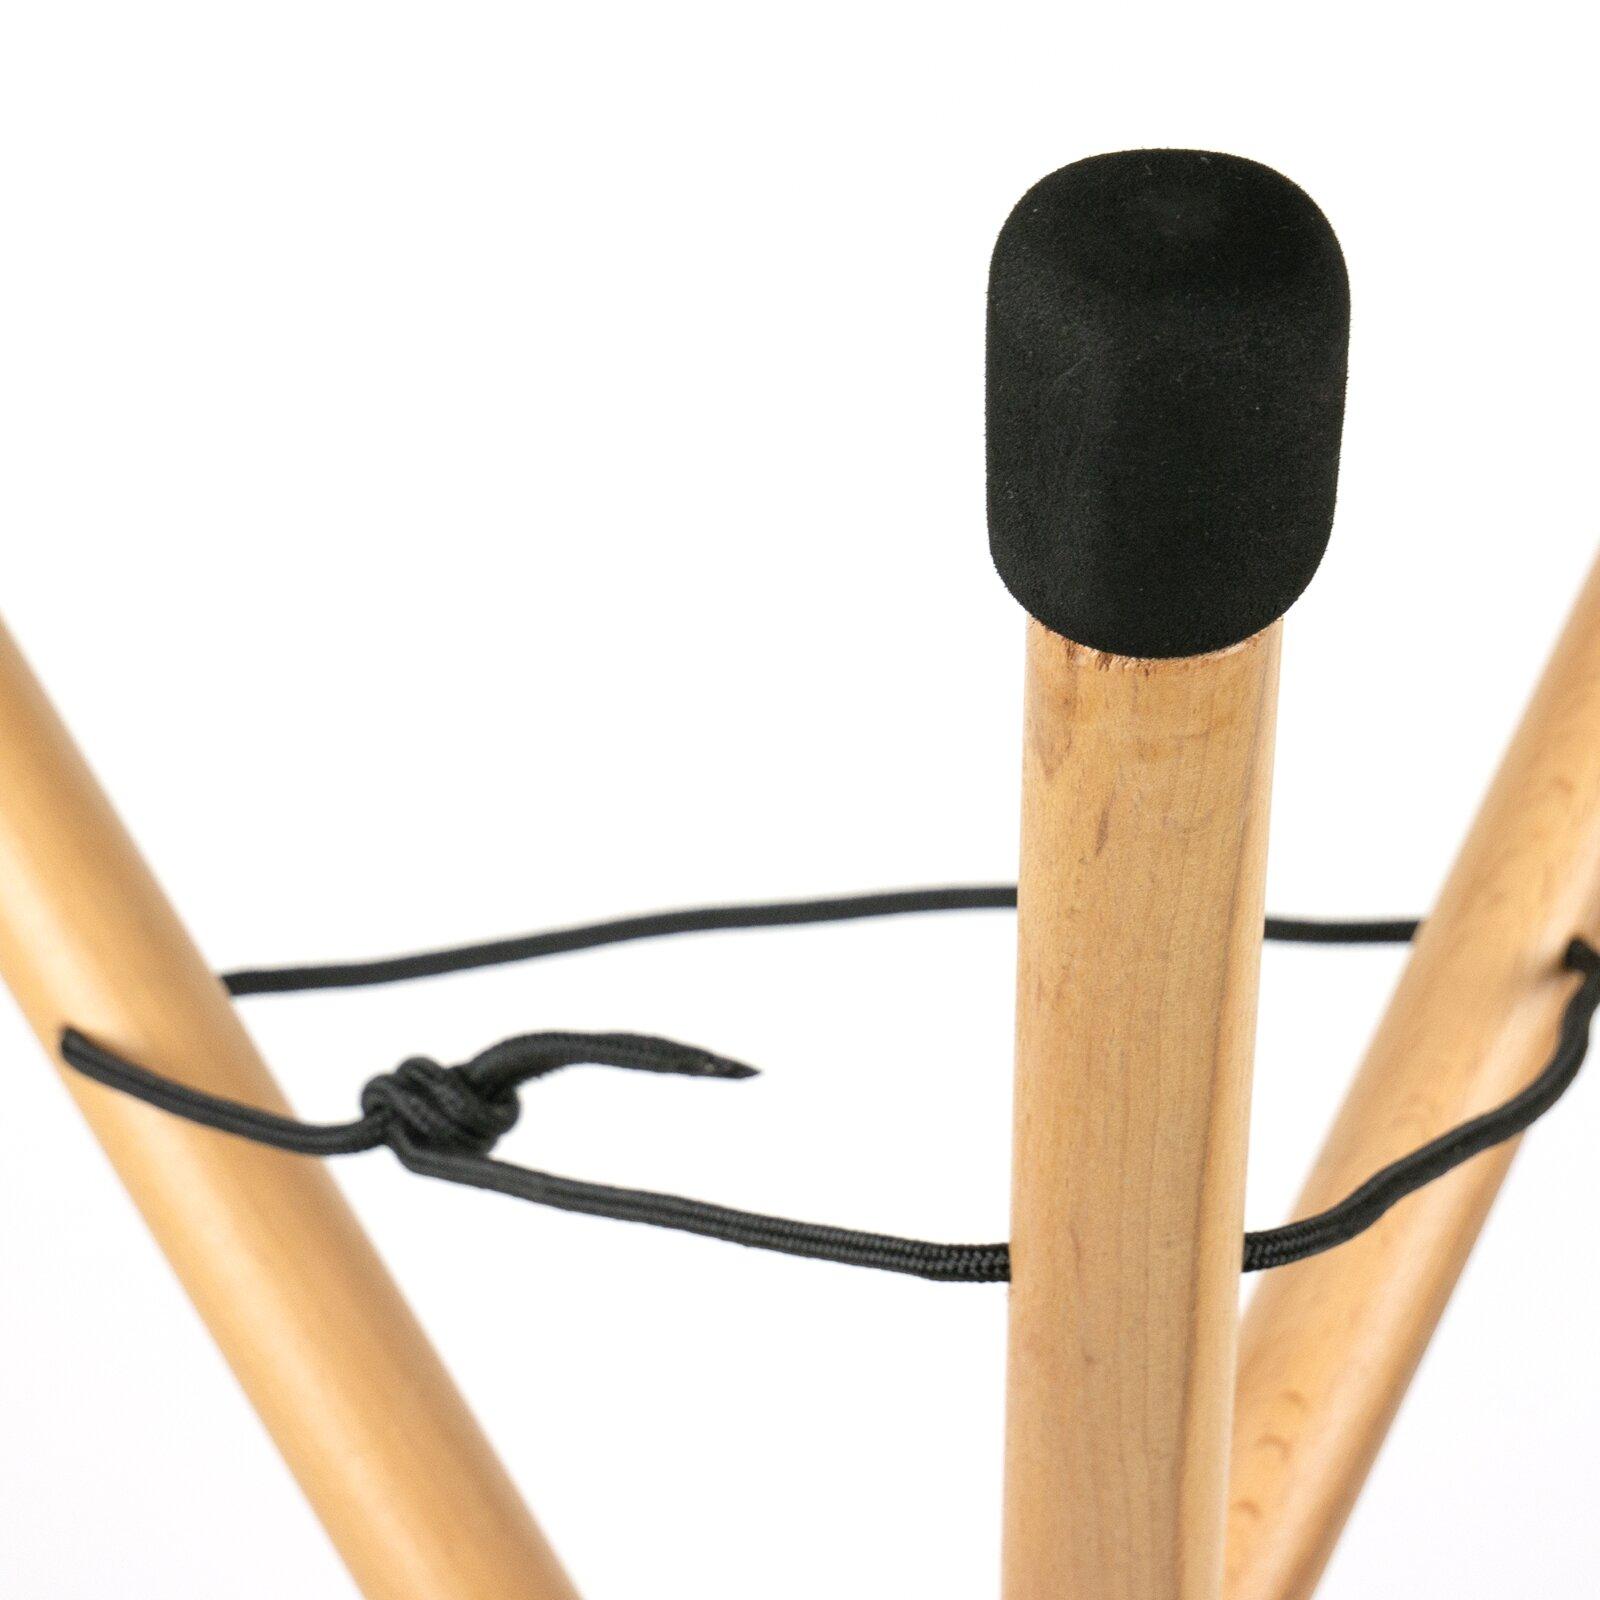 SELA Support de handpan pliable, réglable en hauteur, en bois de hêtre : photo 2